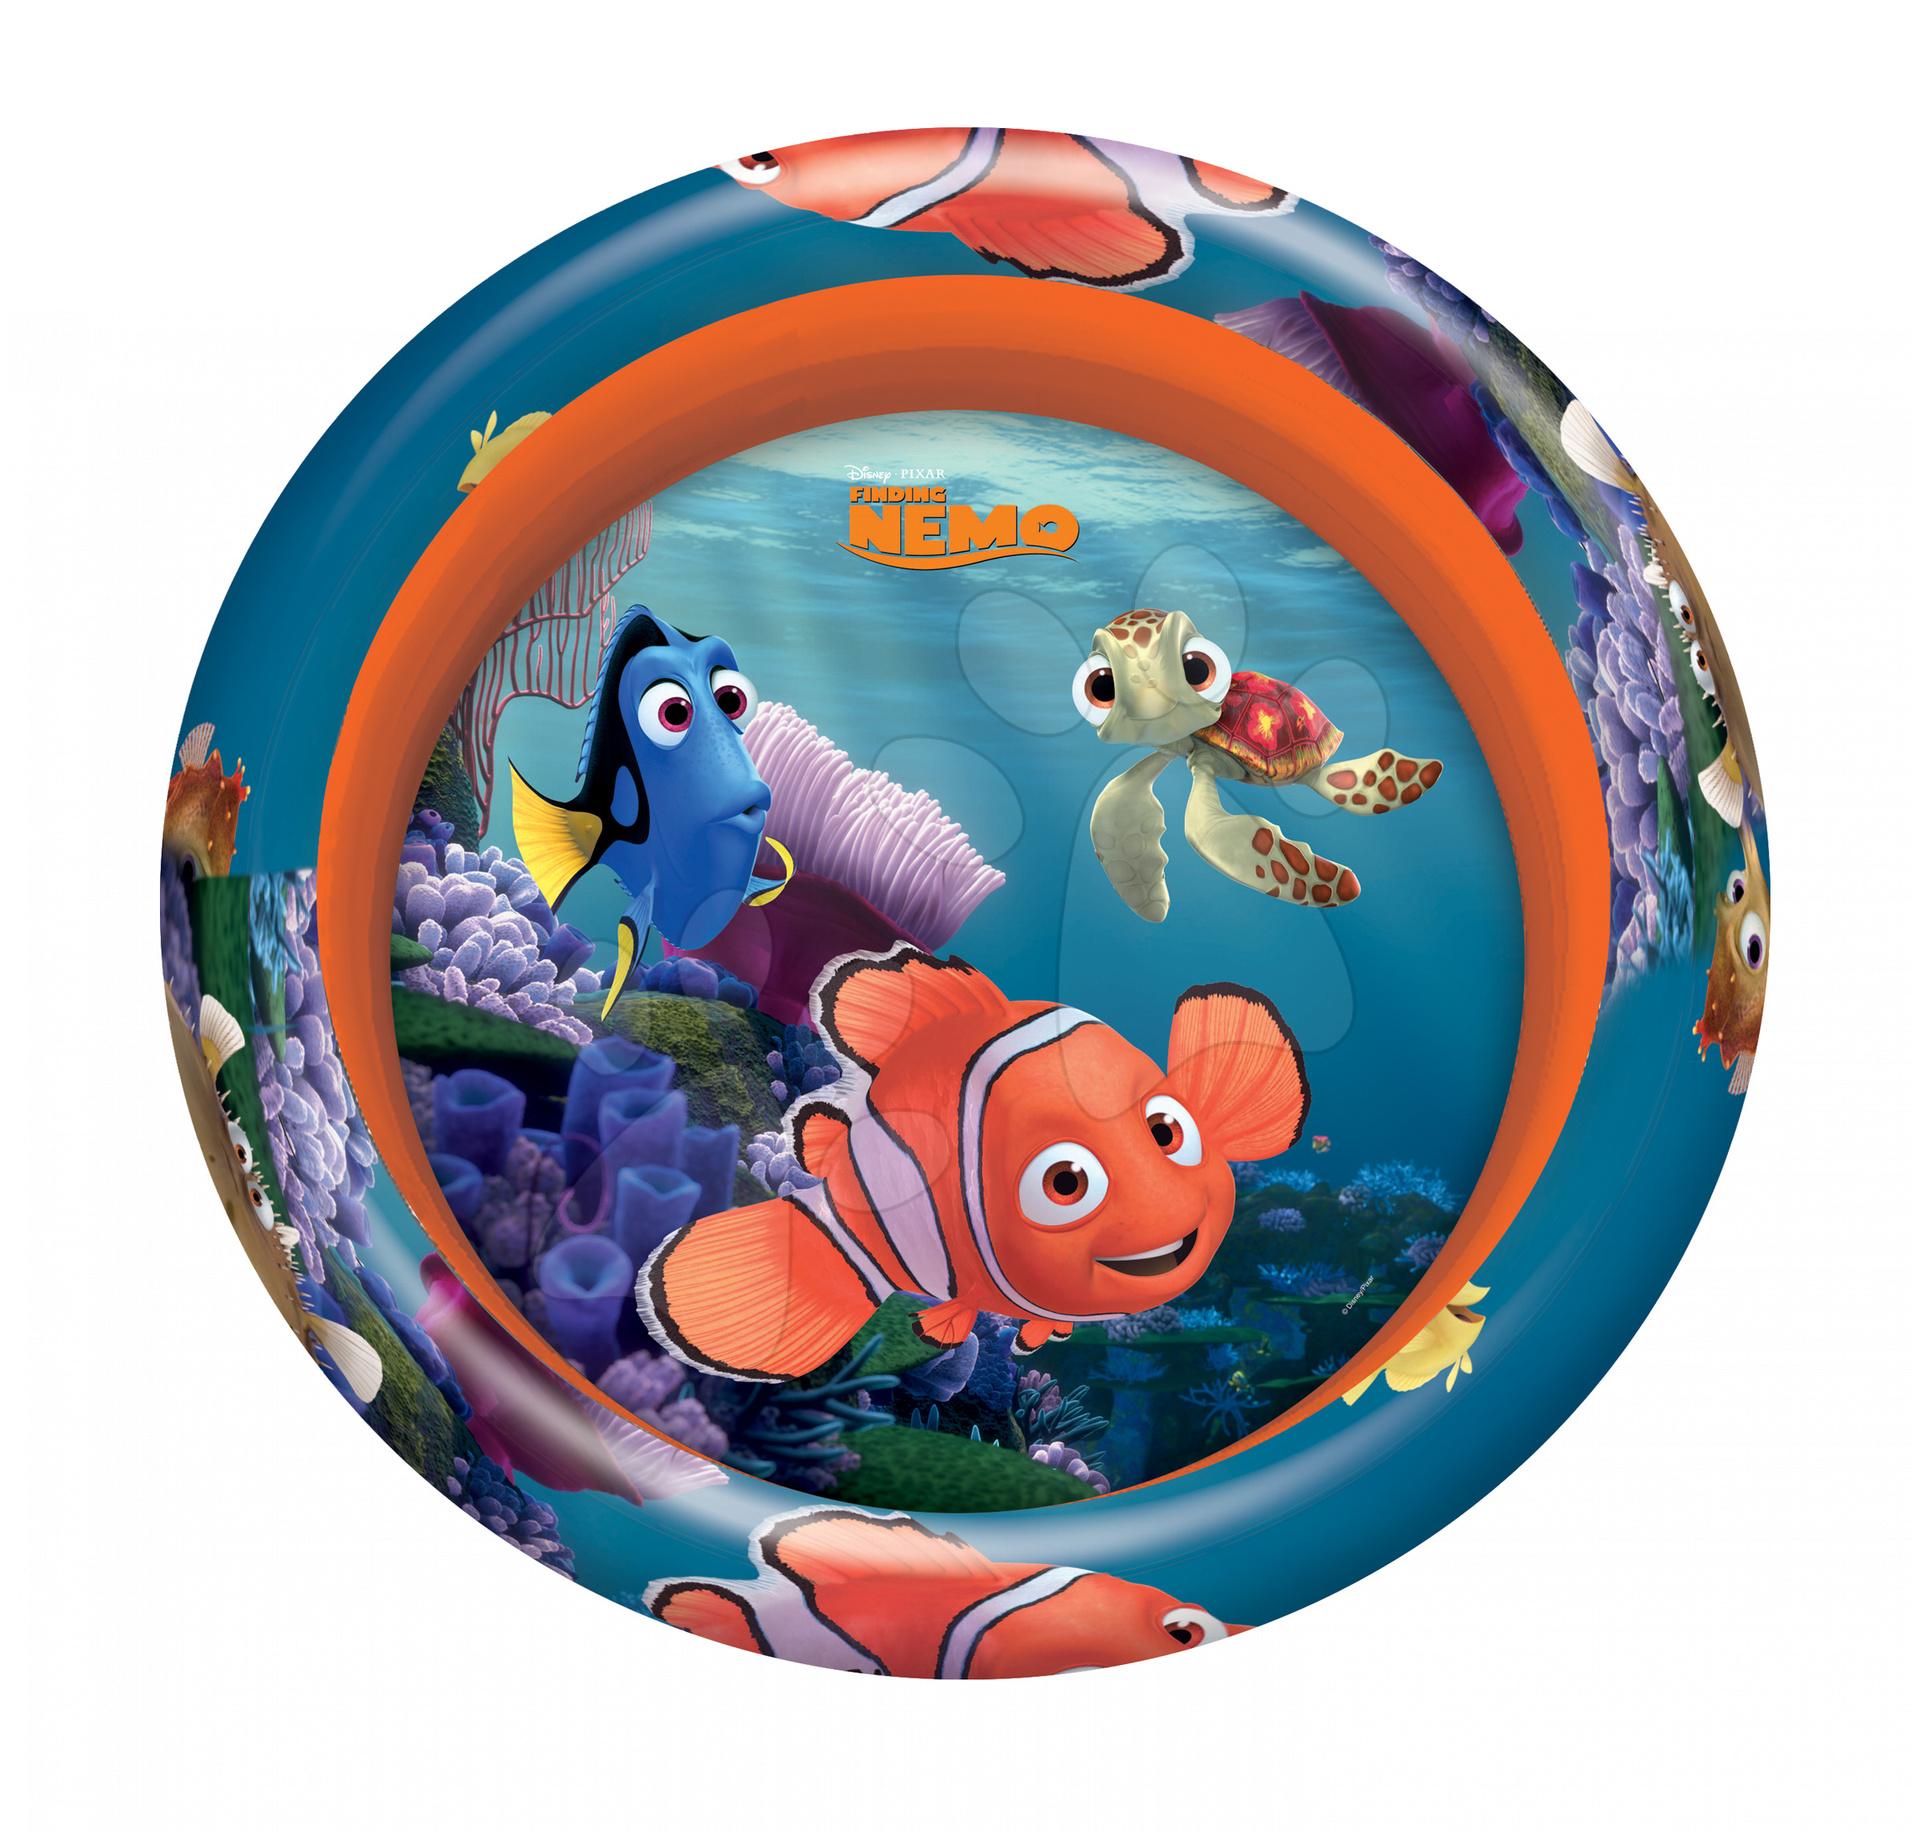 Staré položky - Nafukovací bazén Hledá se Nemo Mondo tříkomorový 100 cm od 3 let